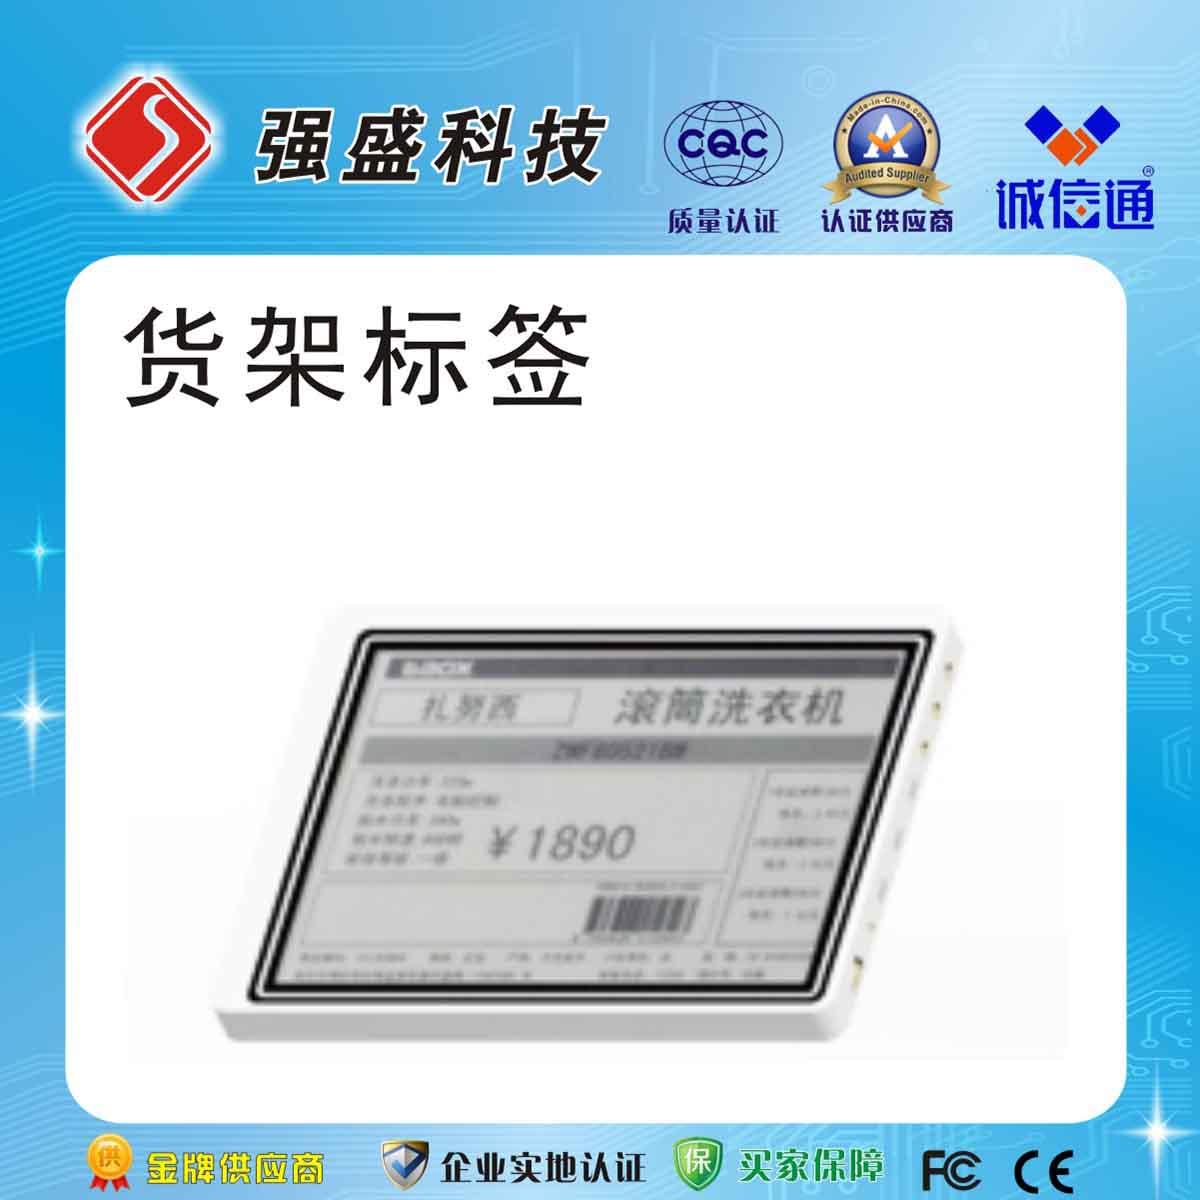 供应广州6寸超市ESL电子价签电子货架标签智能电子价签